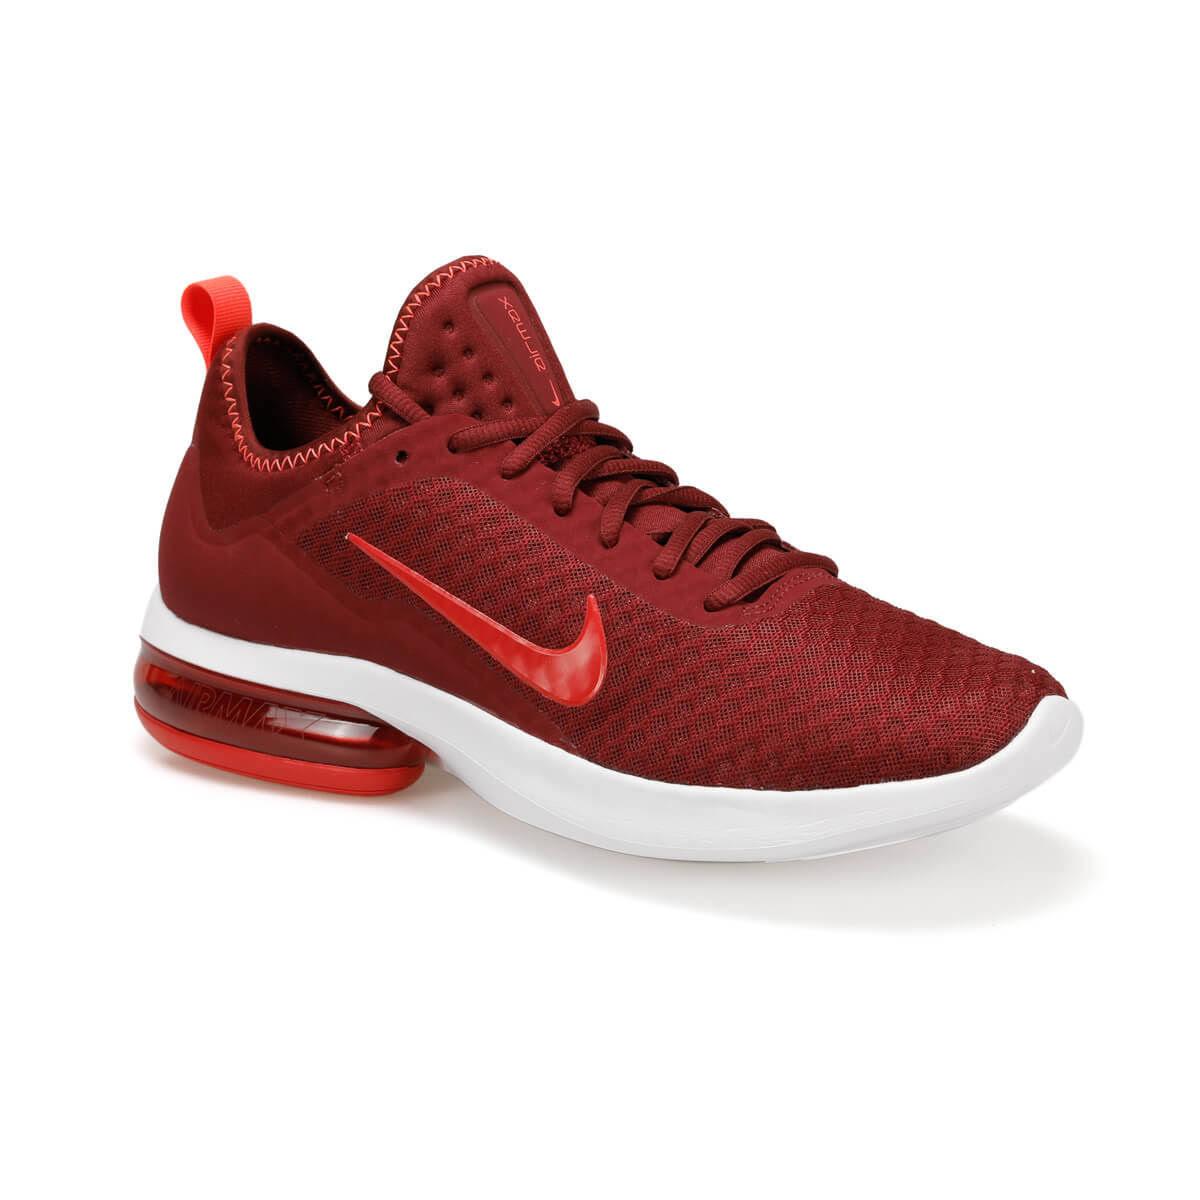 Max Nike Kantara Erkek Ayakkabı Air Kırmızı Sneaker rPnP0qwX7